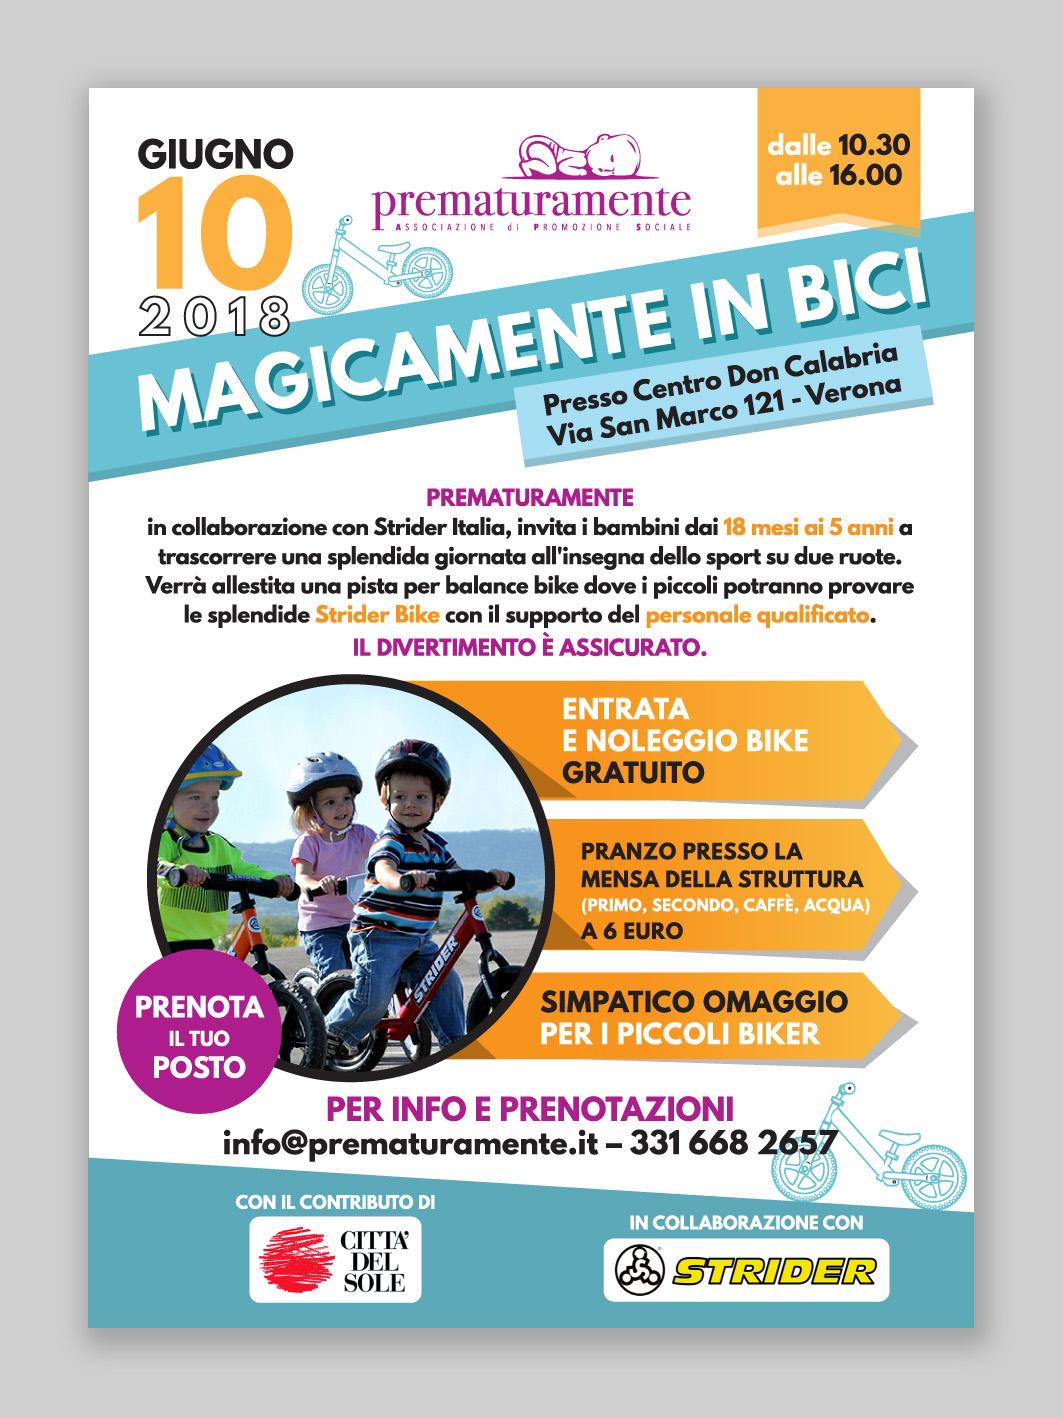 volantino_prematuramente_Magicamente in bici.jpg